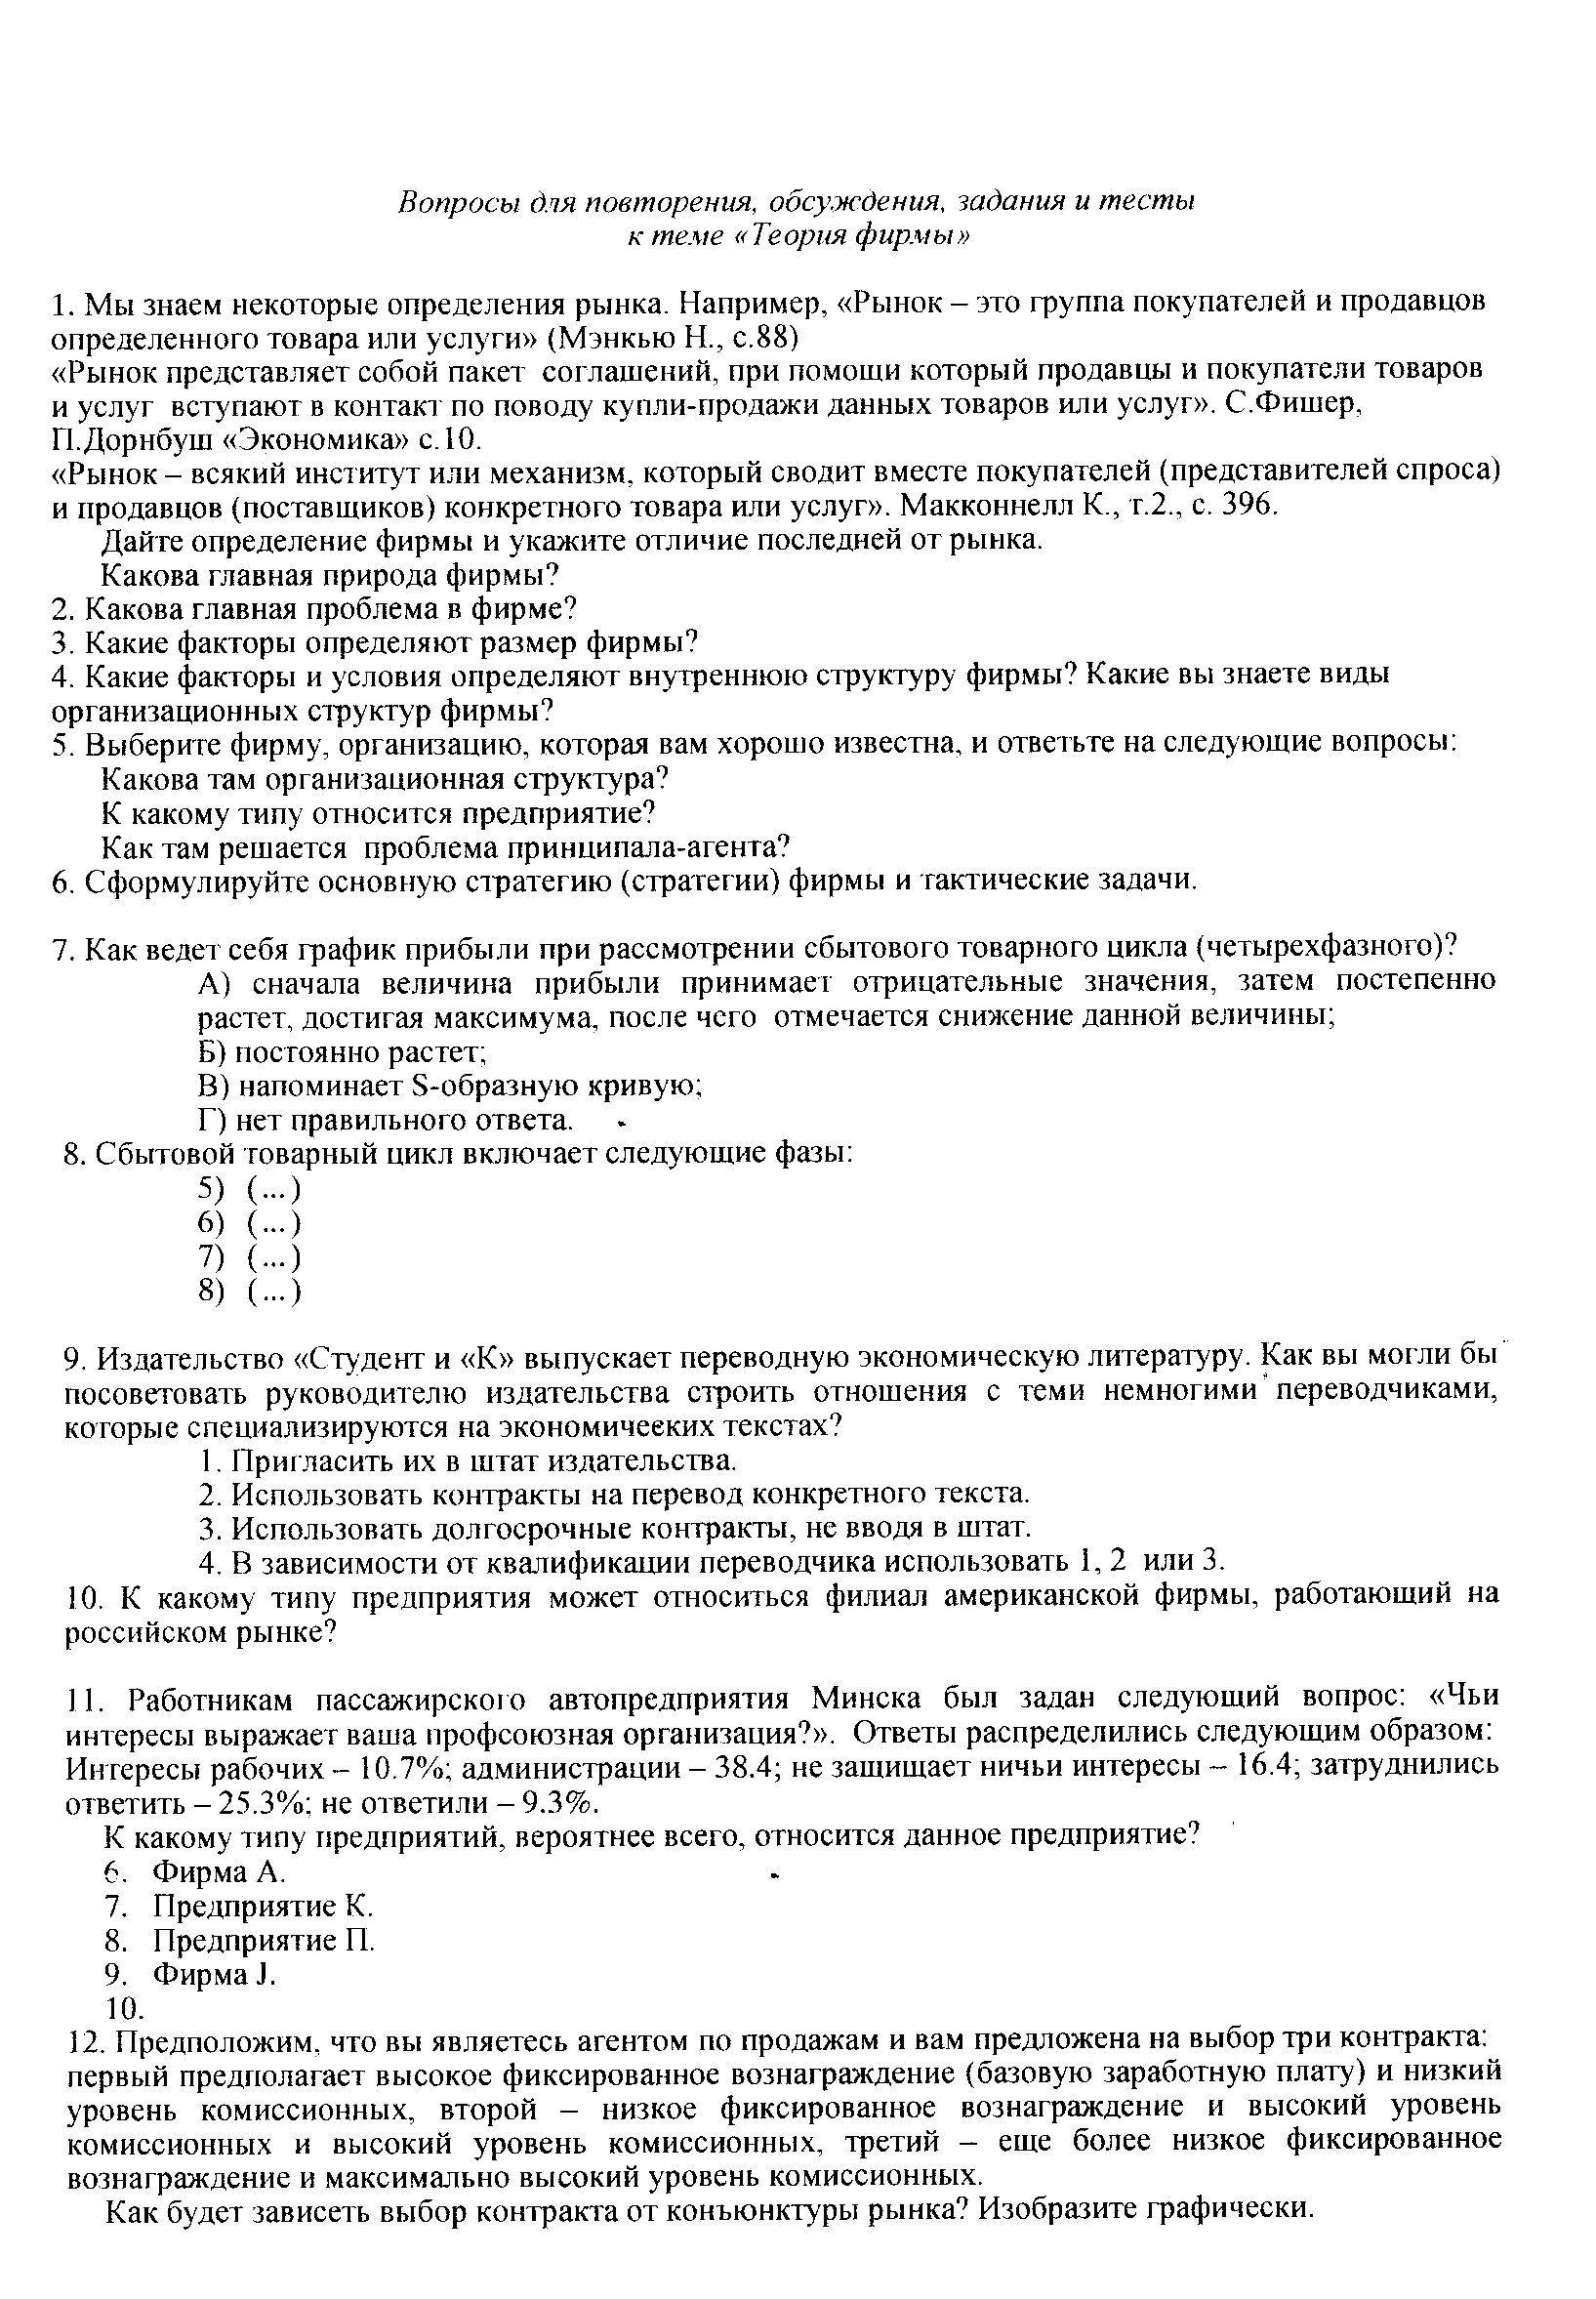 Административная контрольная работа по алгебре 9 класс в форме гиа